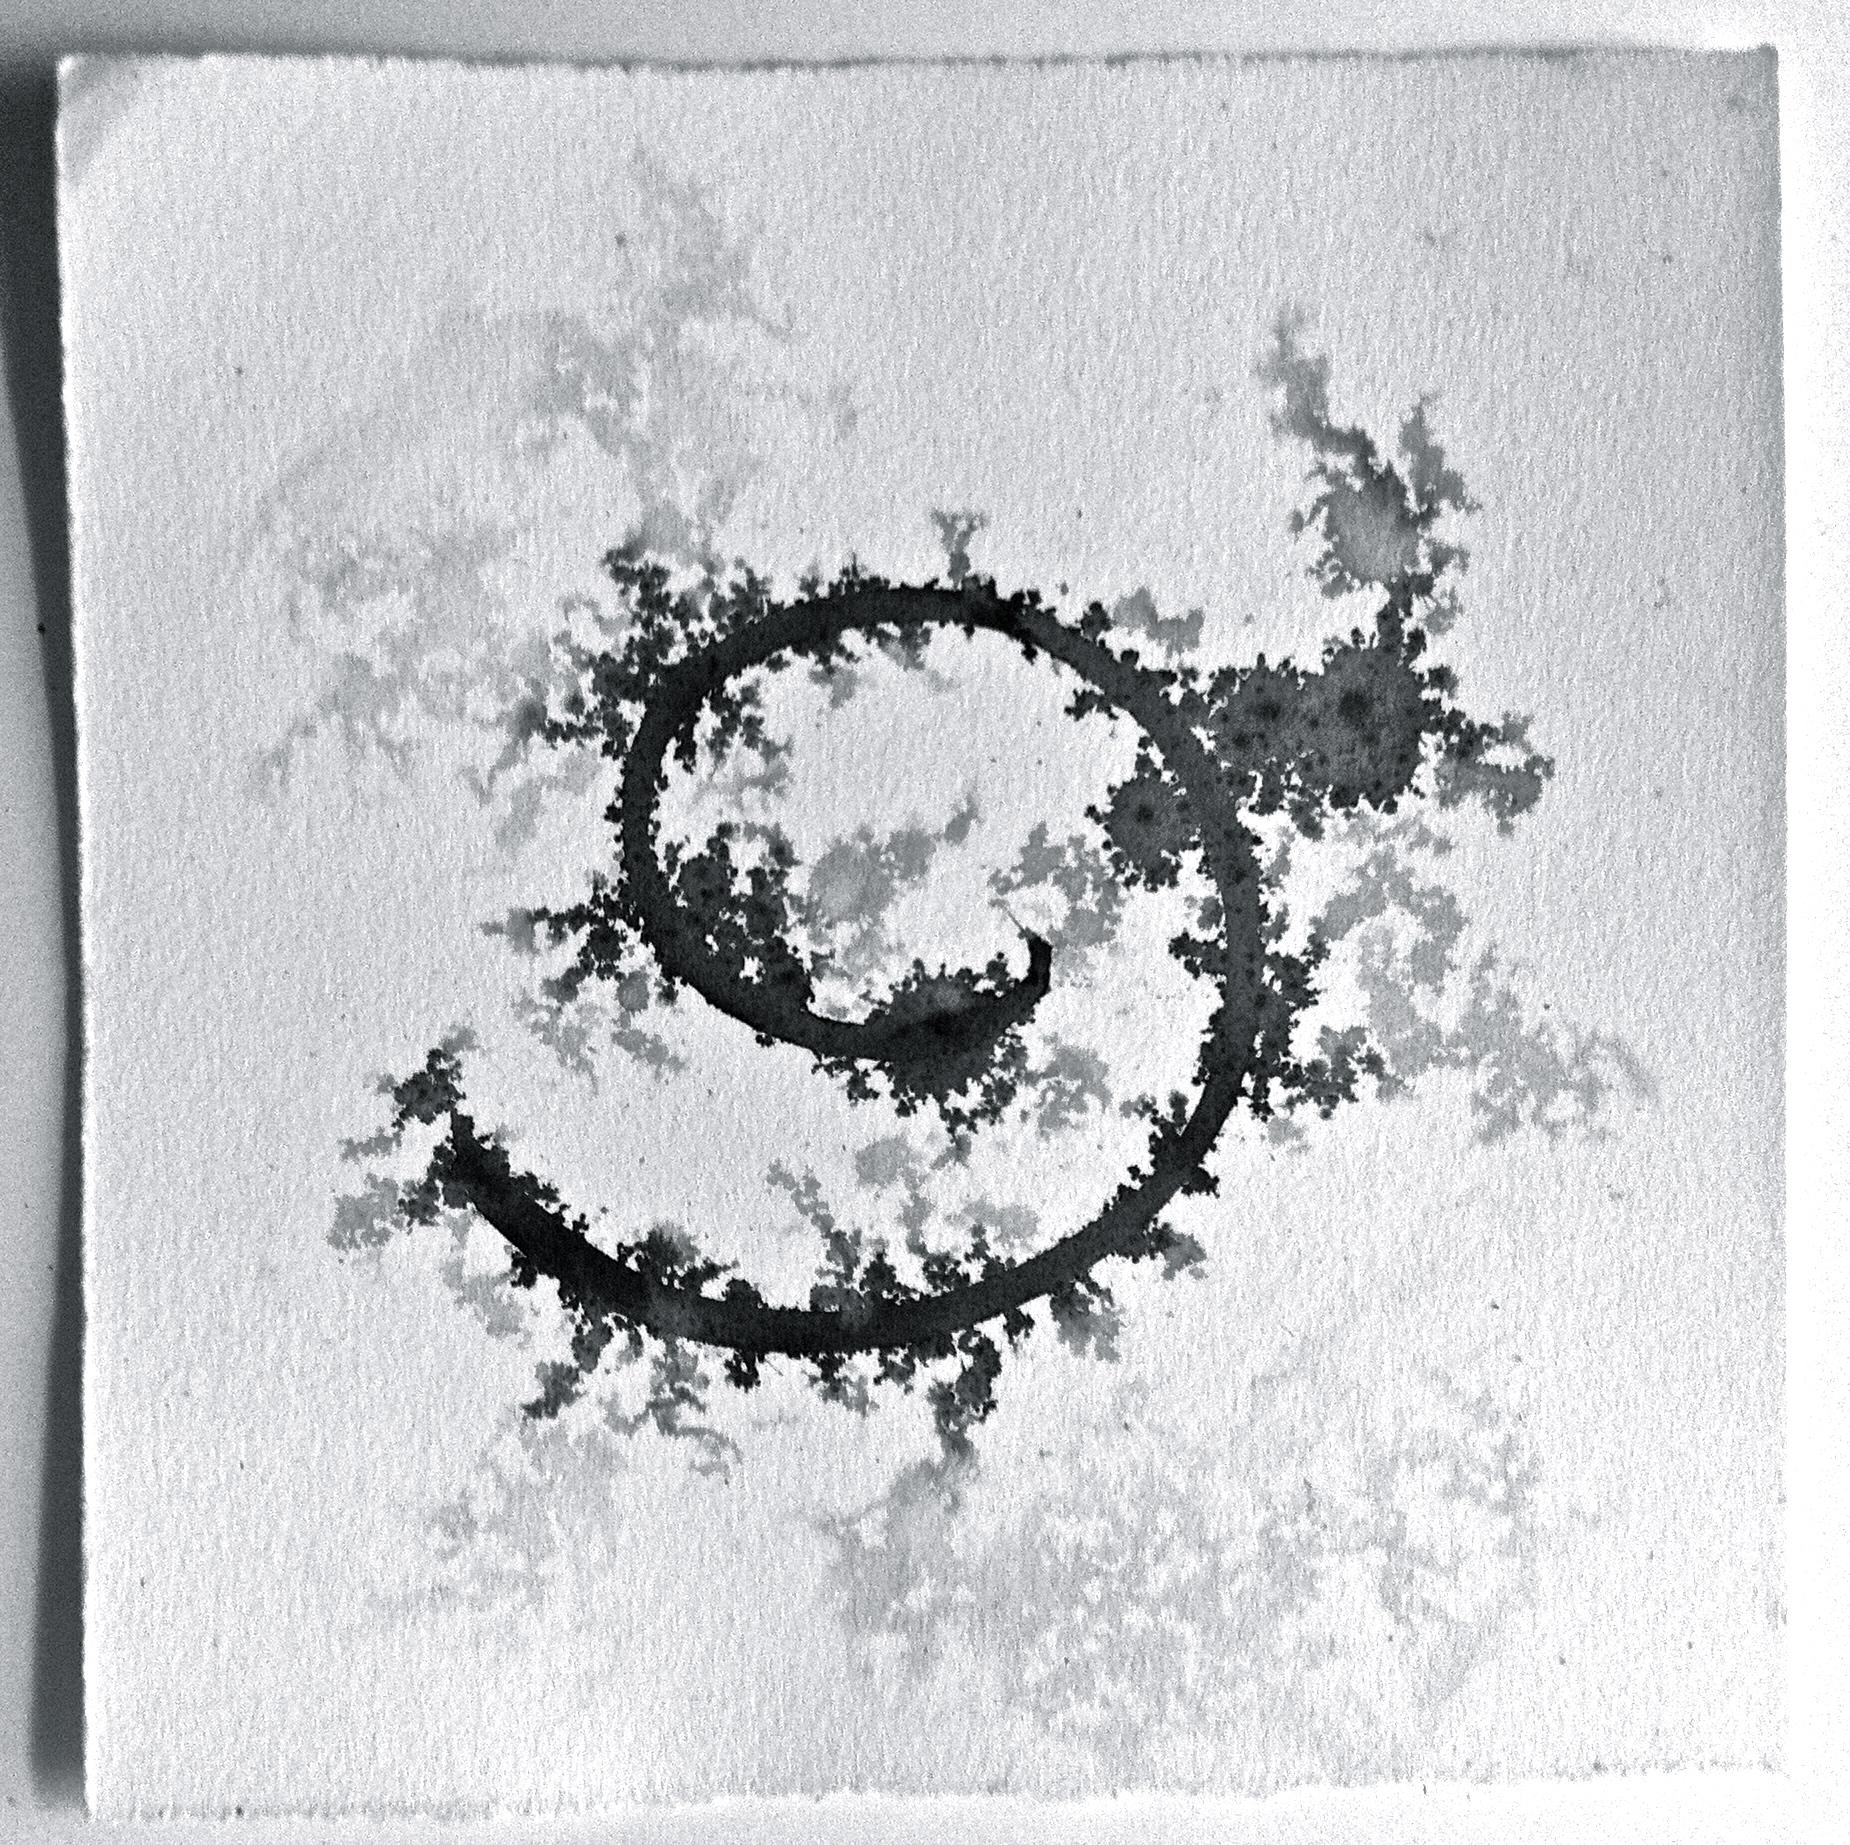 sumi ink, 2013